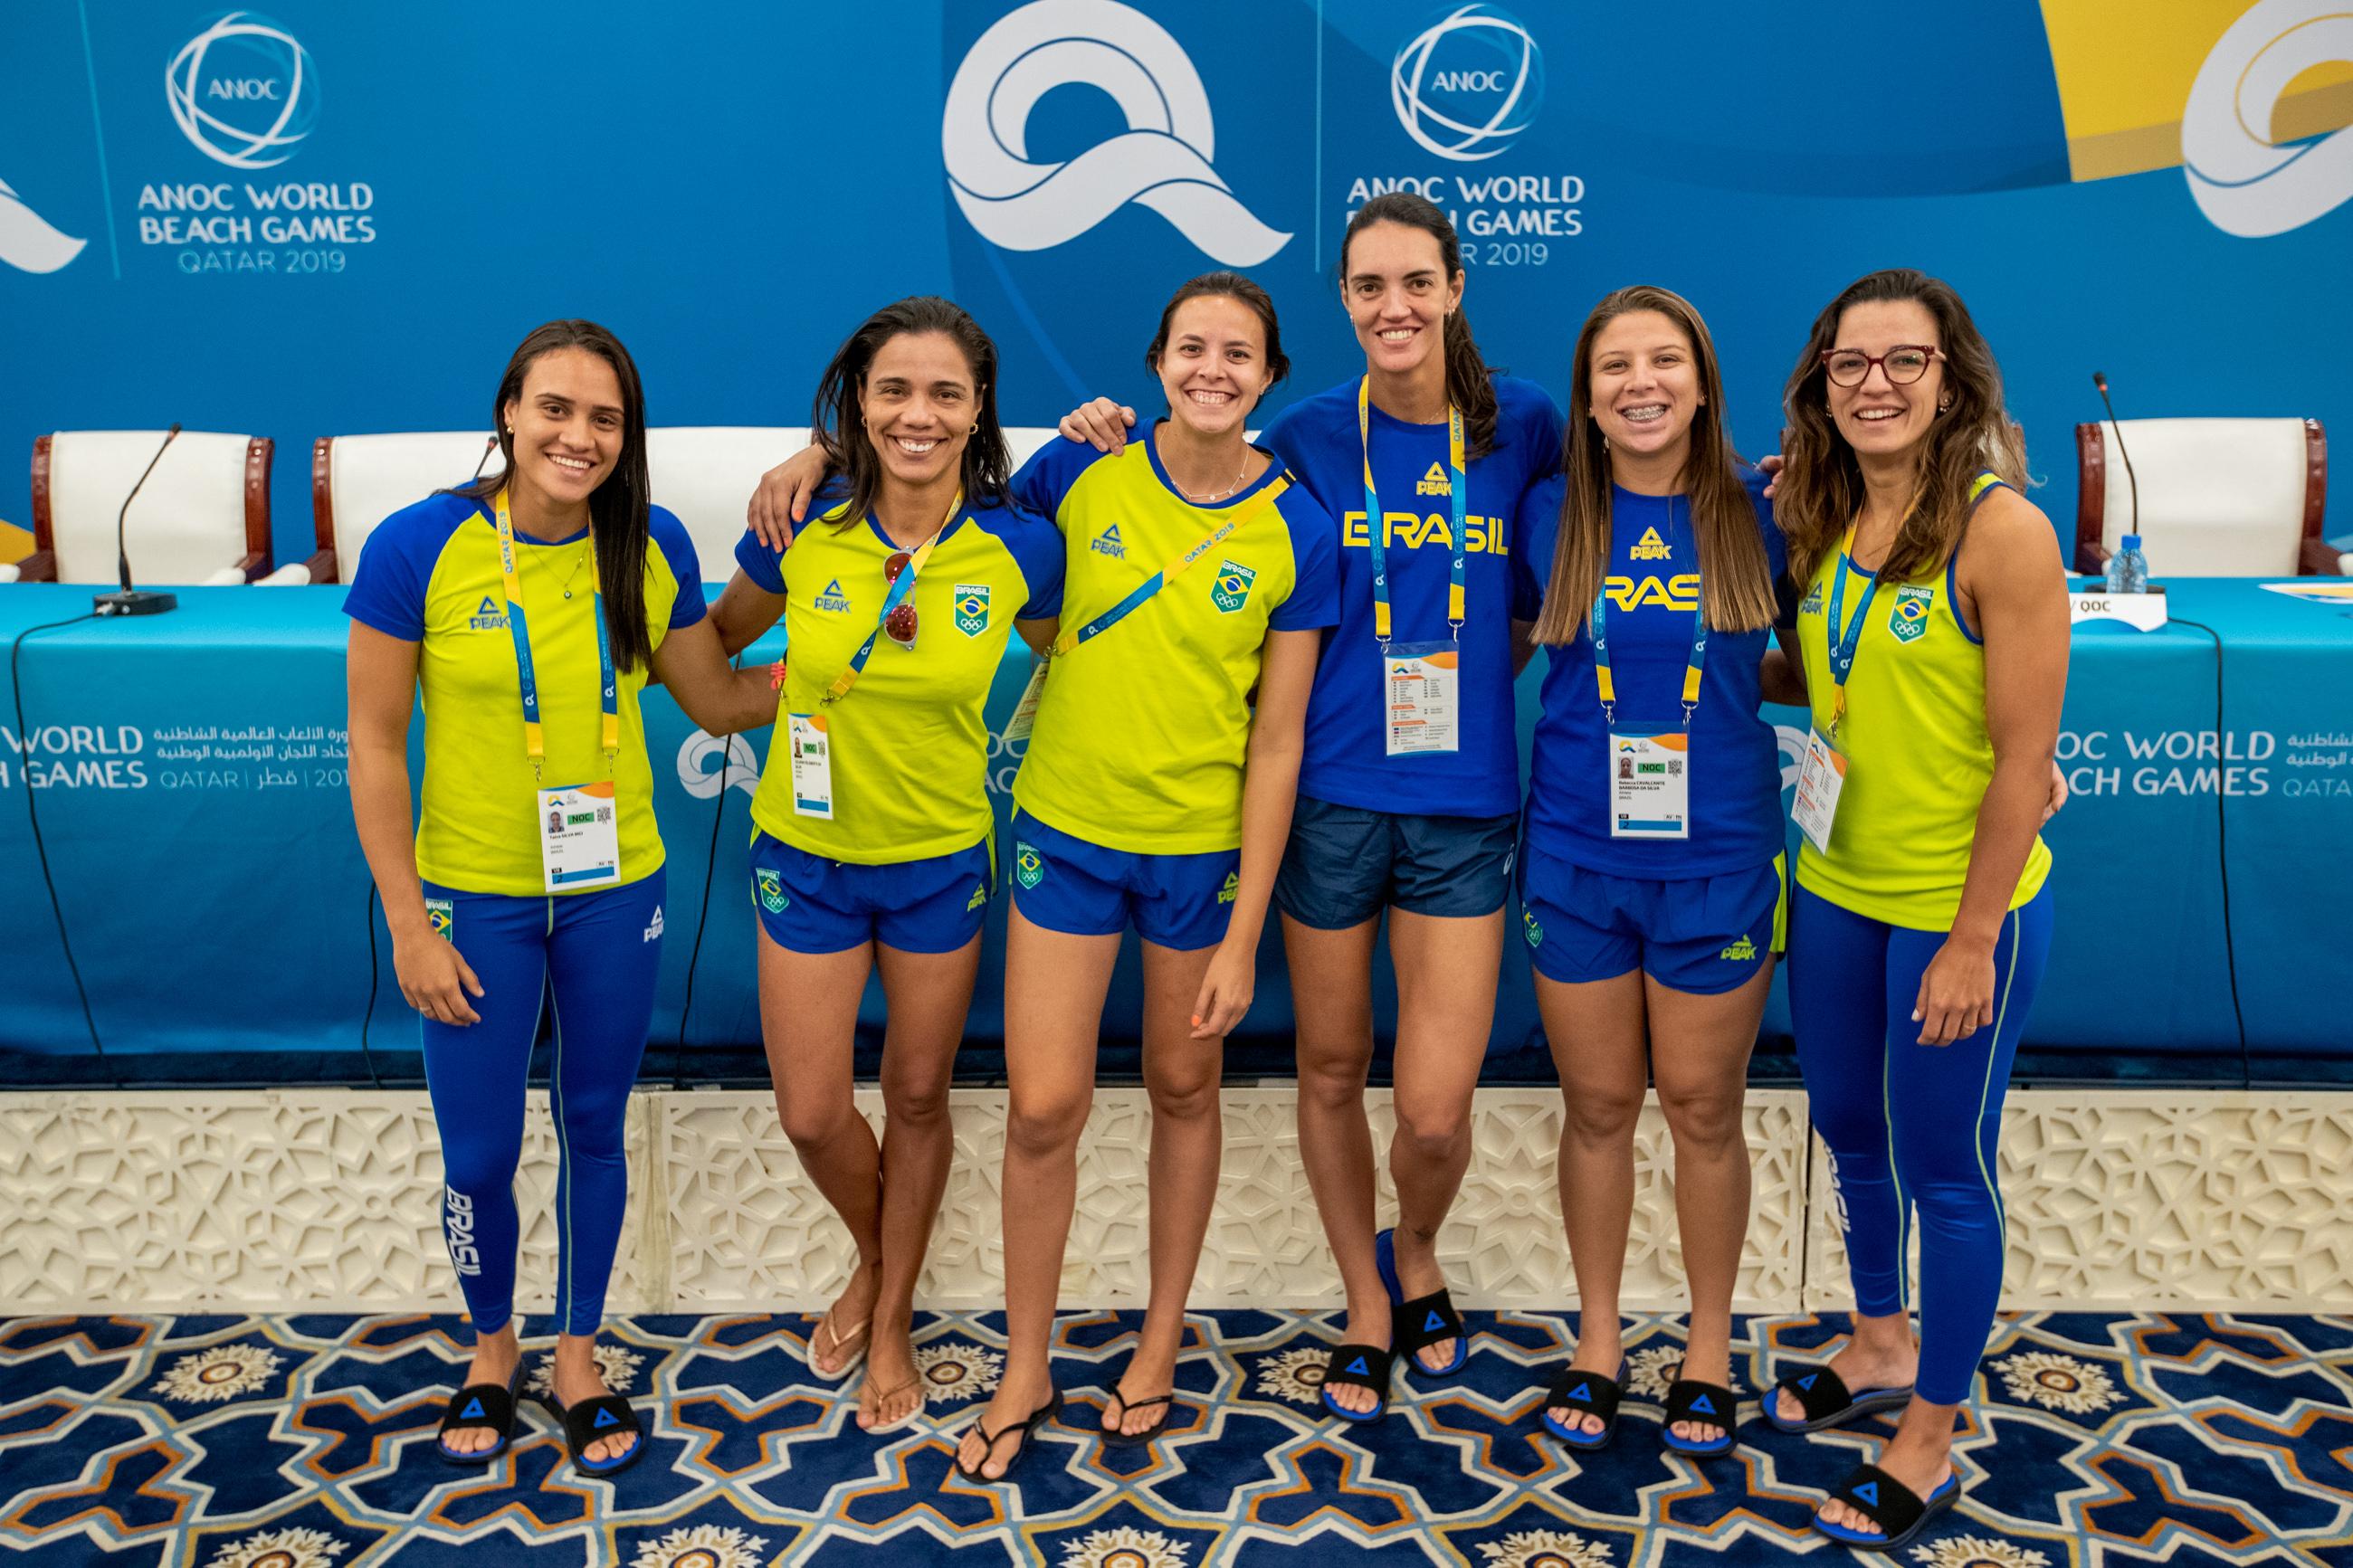 Equipe brasileira estreia na modalidade 4x4 do vôlei de praia neste sábado